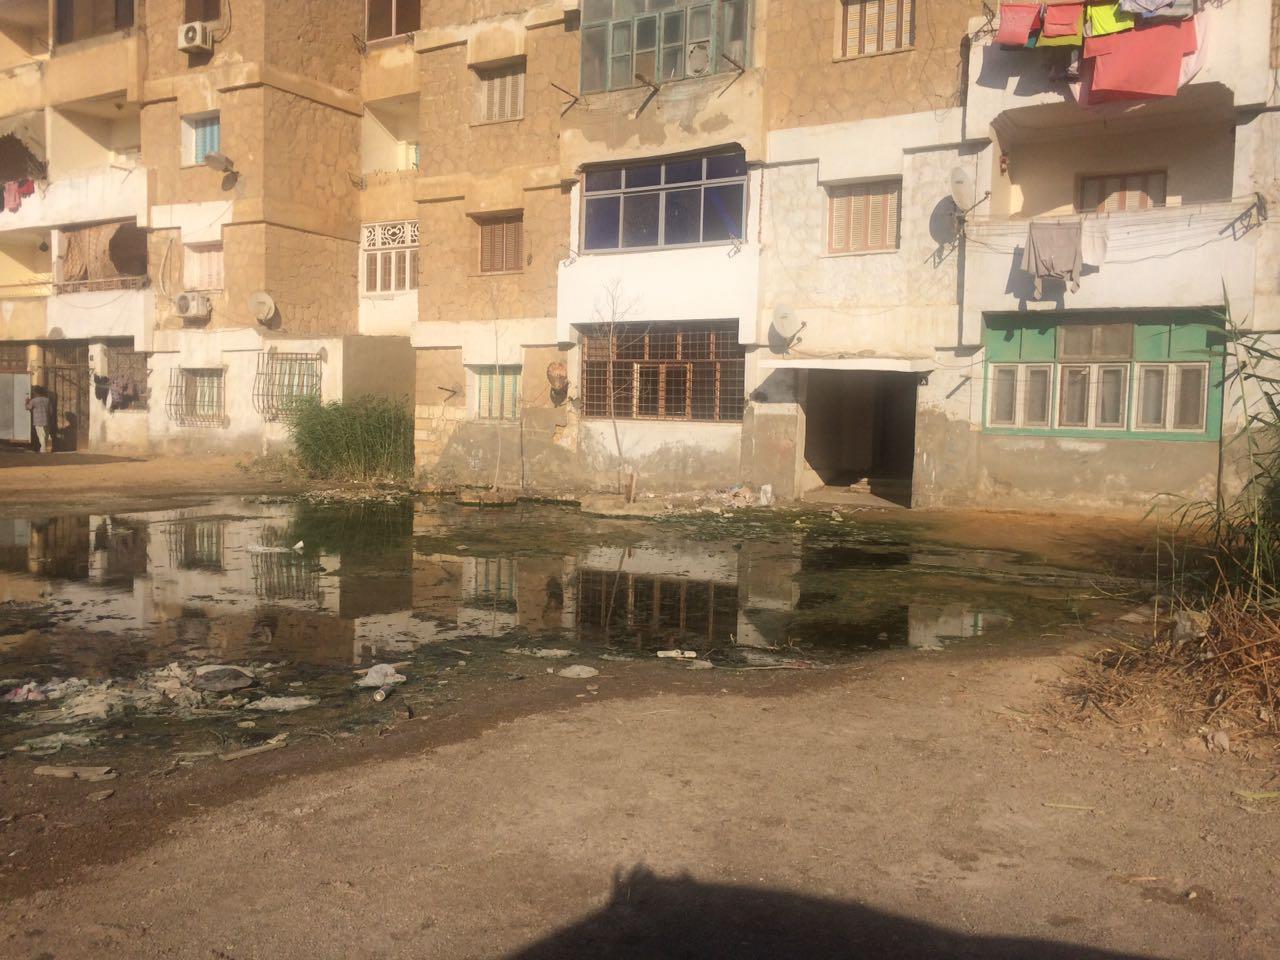 مياه الصرف تحاصر عقارًا في حي فيصل بالسويس.. ومواطن: الأزمة منذ عام